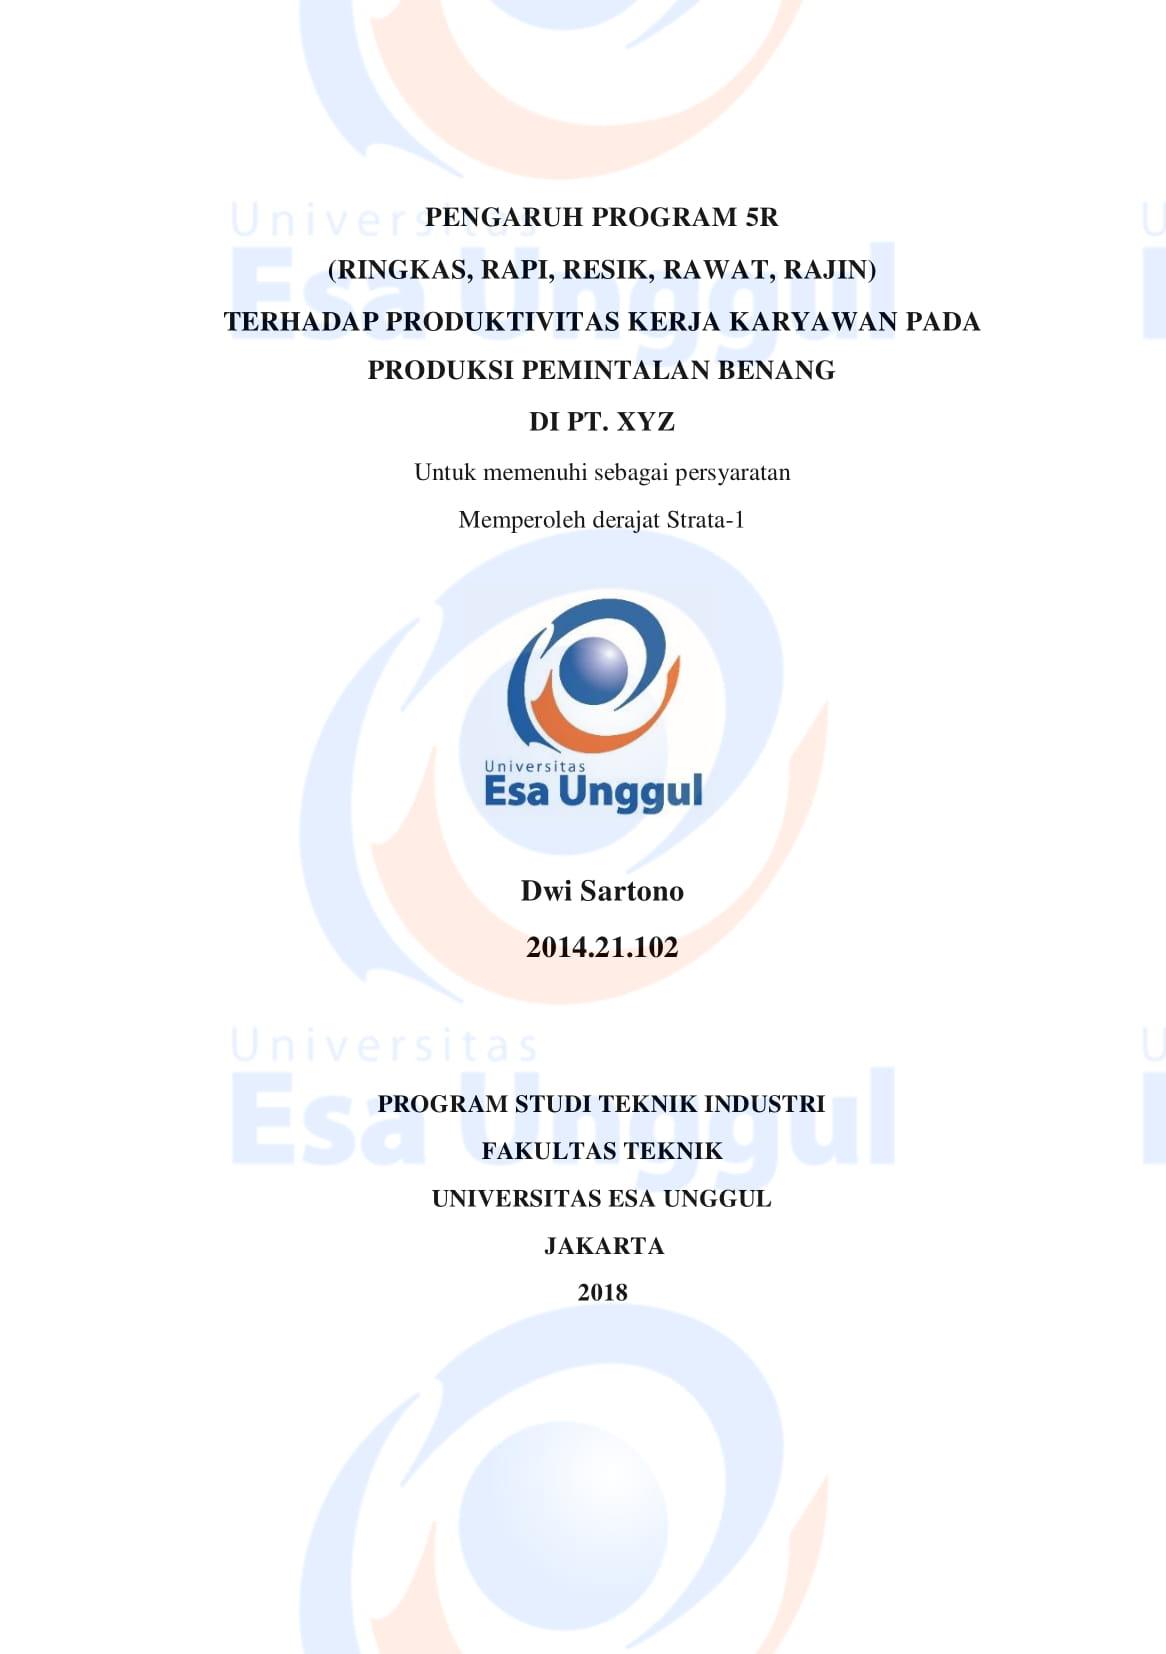 Pengaruh Program 5R (Ringkas, Rapi, Resik, Rawat, Rajin) Terhadap Produktivitas Kerja Karyawan pada Produksi Pemintalan Benang di PT. XYZ